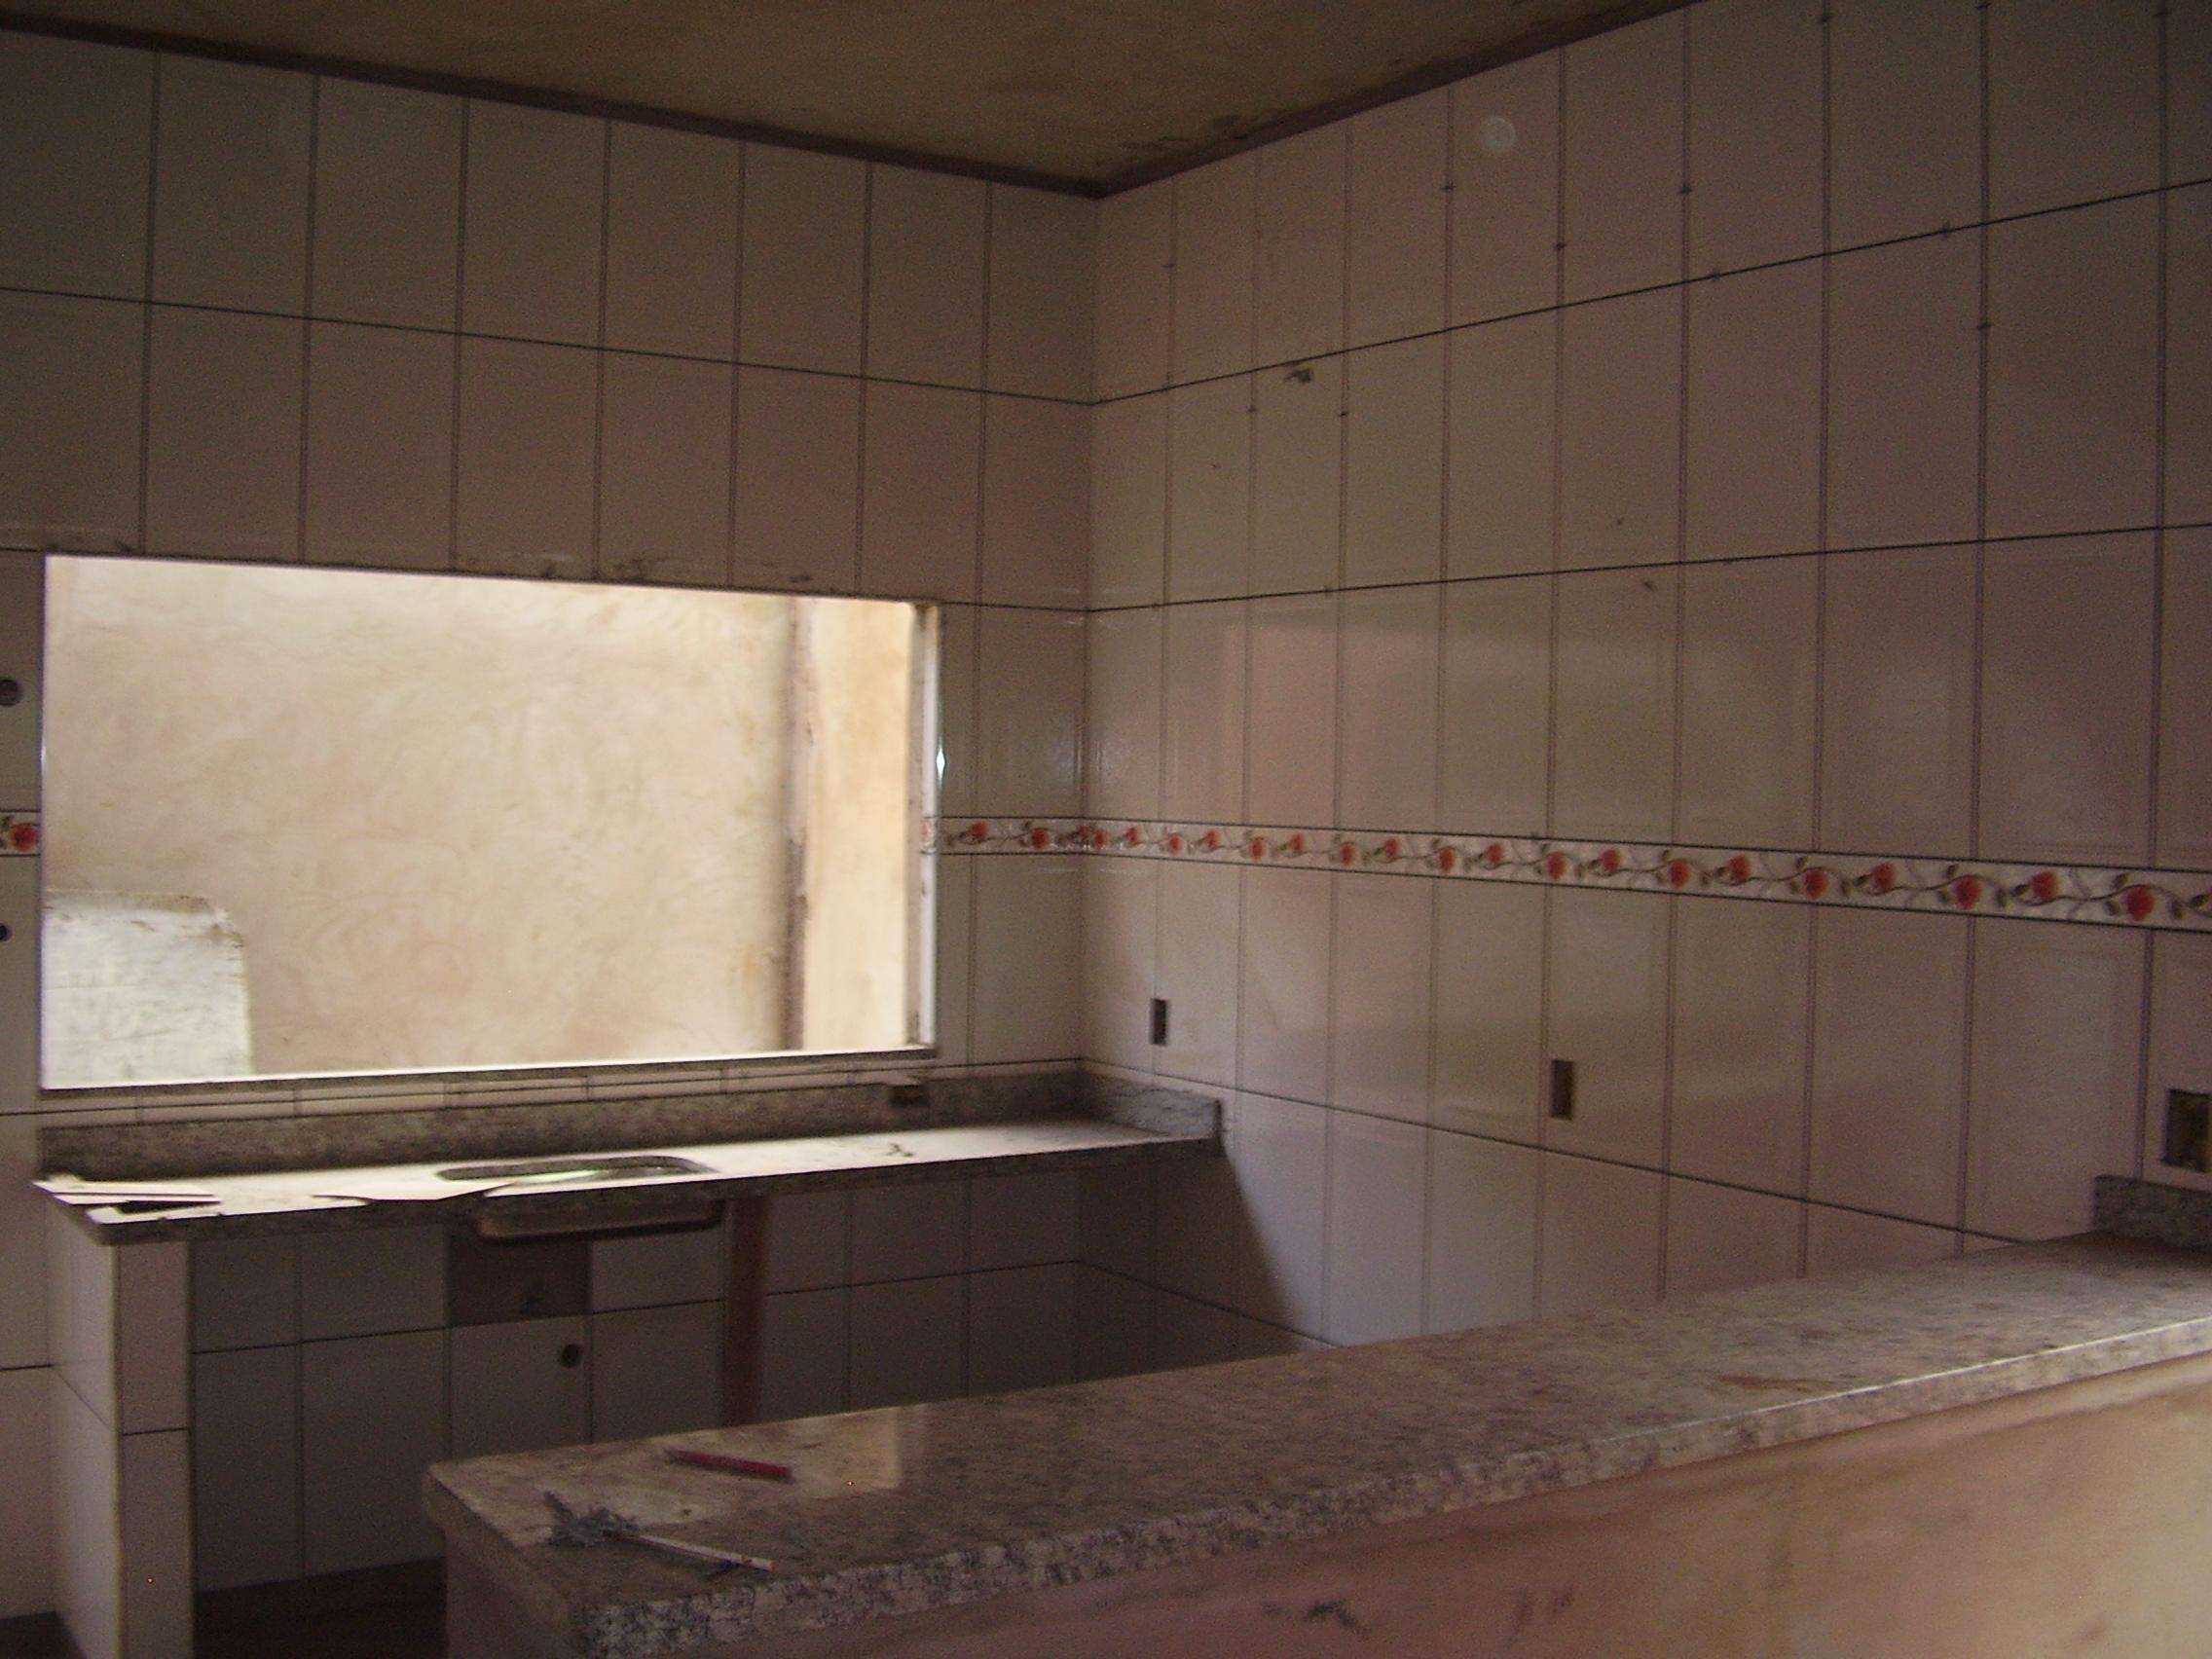 PISOS E AZULEJOS Amor vínculo da perfeição #886B43 2272x1704 Banheiro Com Azulejo Grande